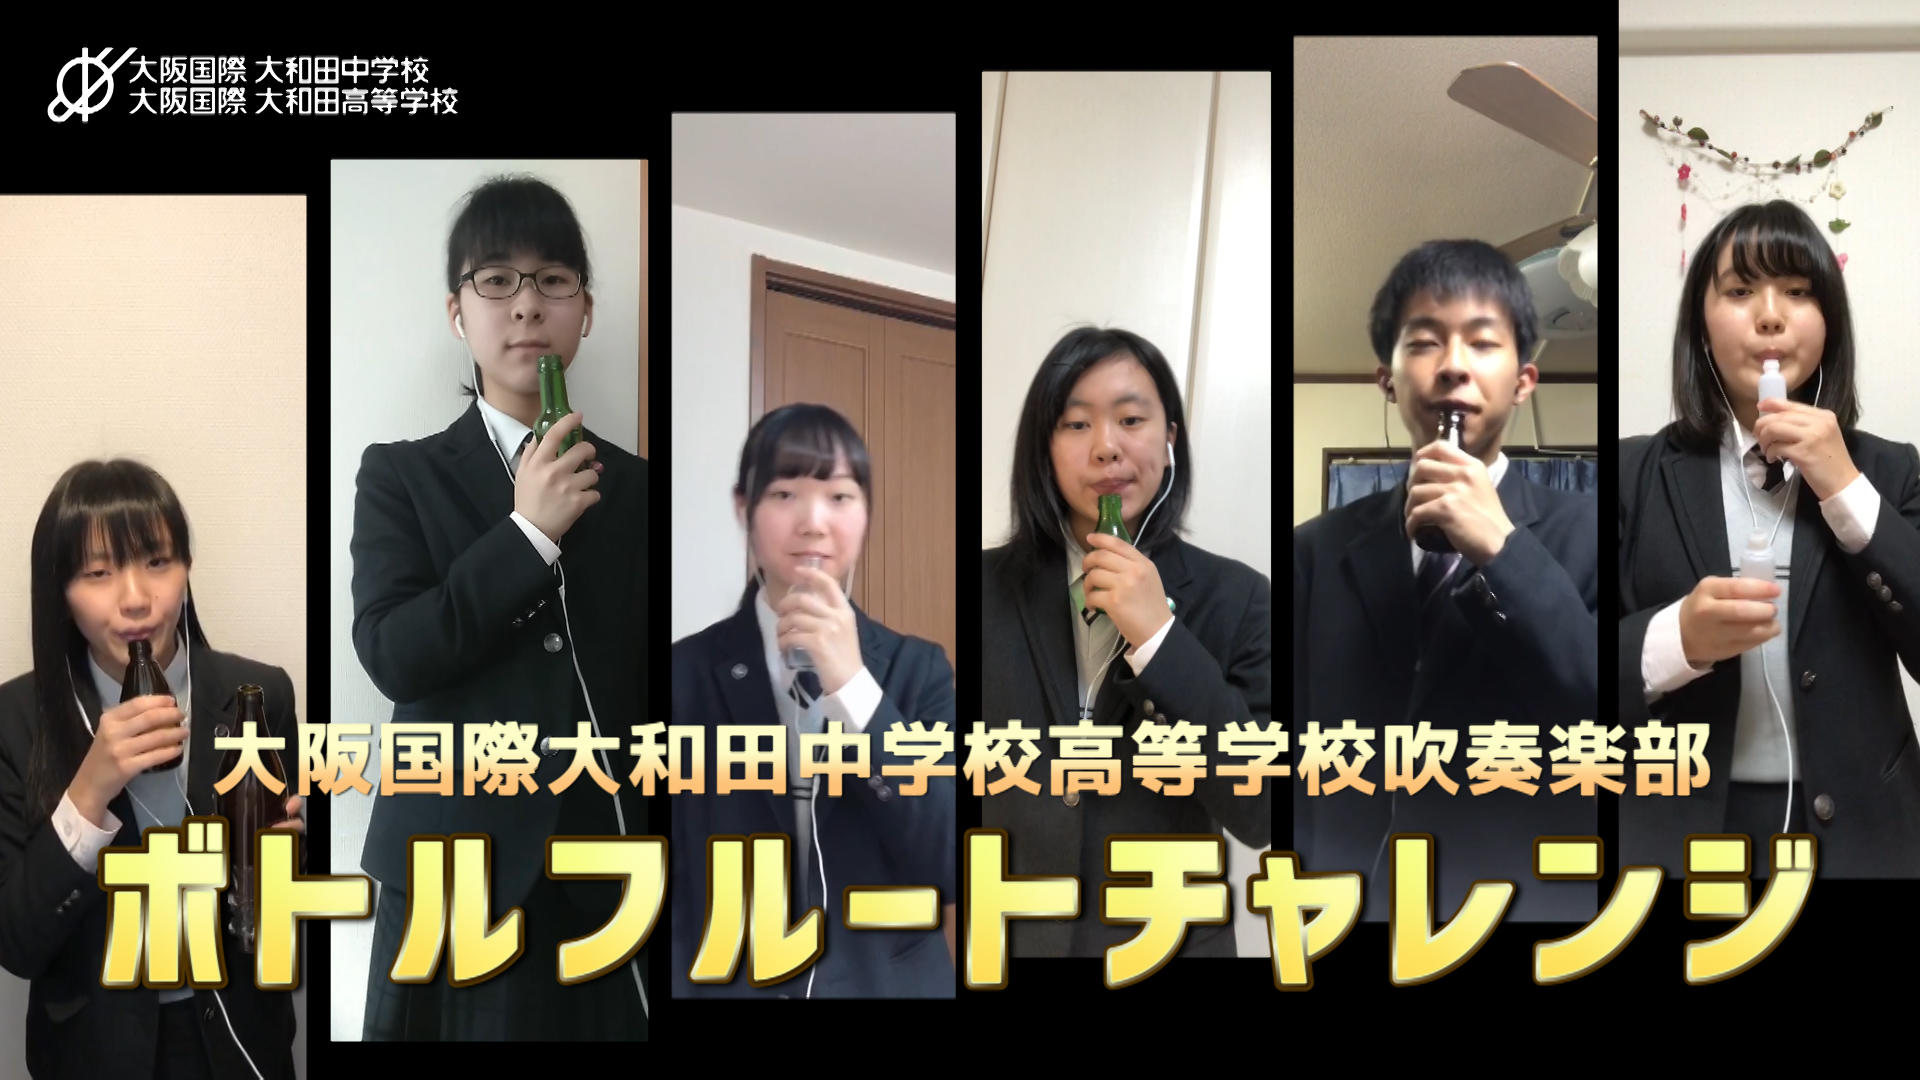 大阪国際大和田中学校・高等学校の吹奏楽部が、ボトルを使ったフルート演奏にチャレンジ~「うちで踊ろう」